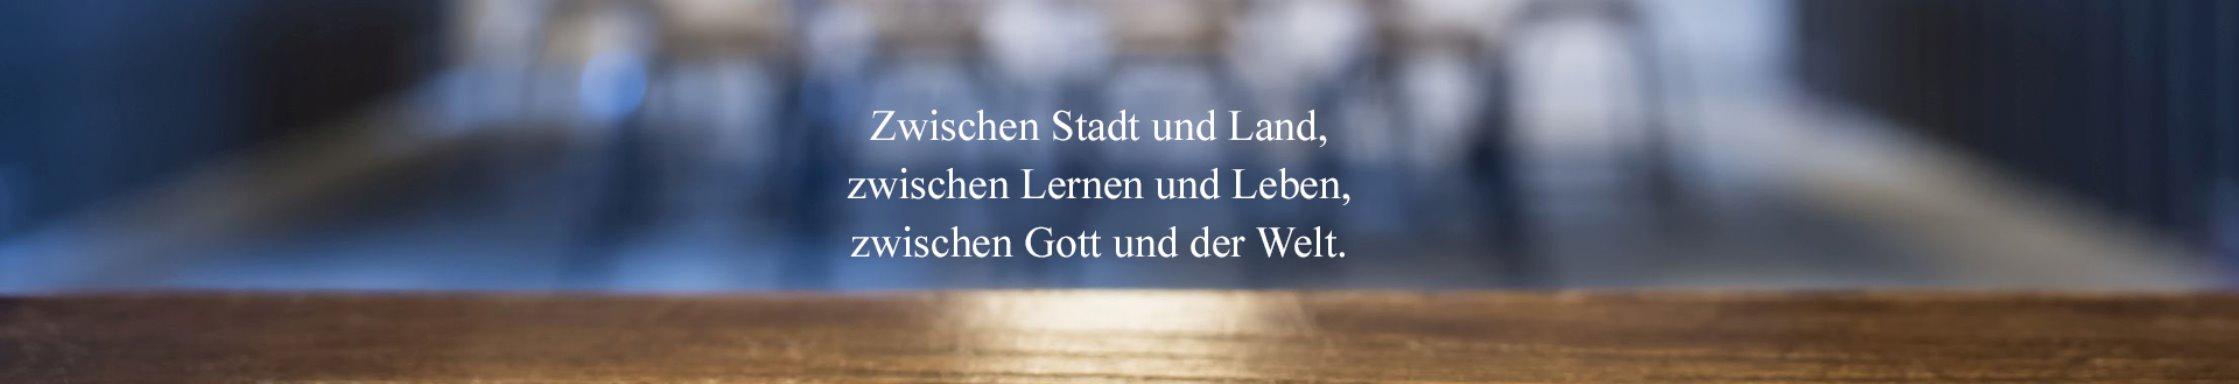 Katholische Erwachsenenbildung Hessen Startseite